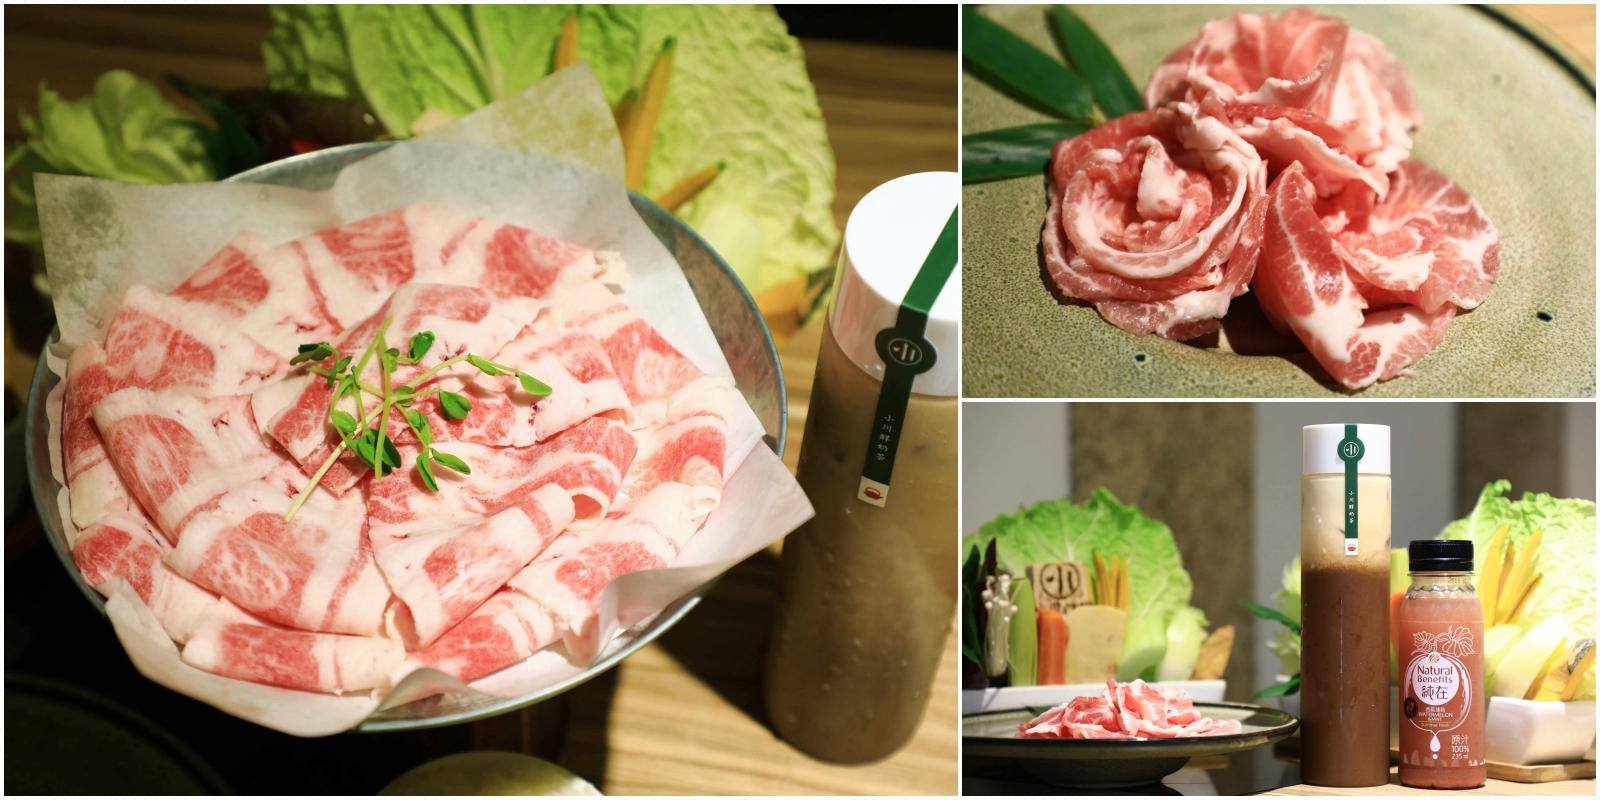 淡水美食-小川鍋物:日式原湯火鍋.小農食材.美福小肥牛與京都柚子胡椒的完美結合